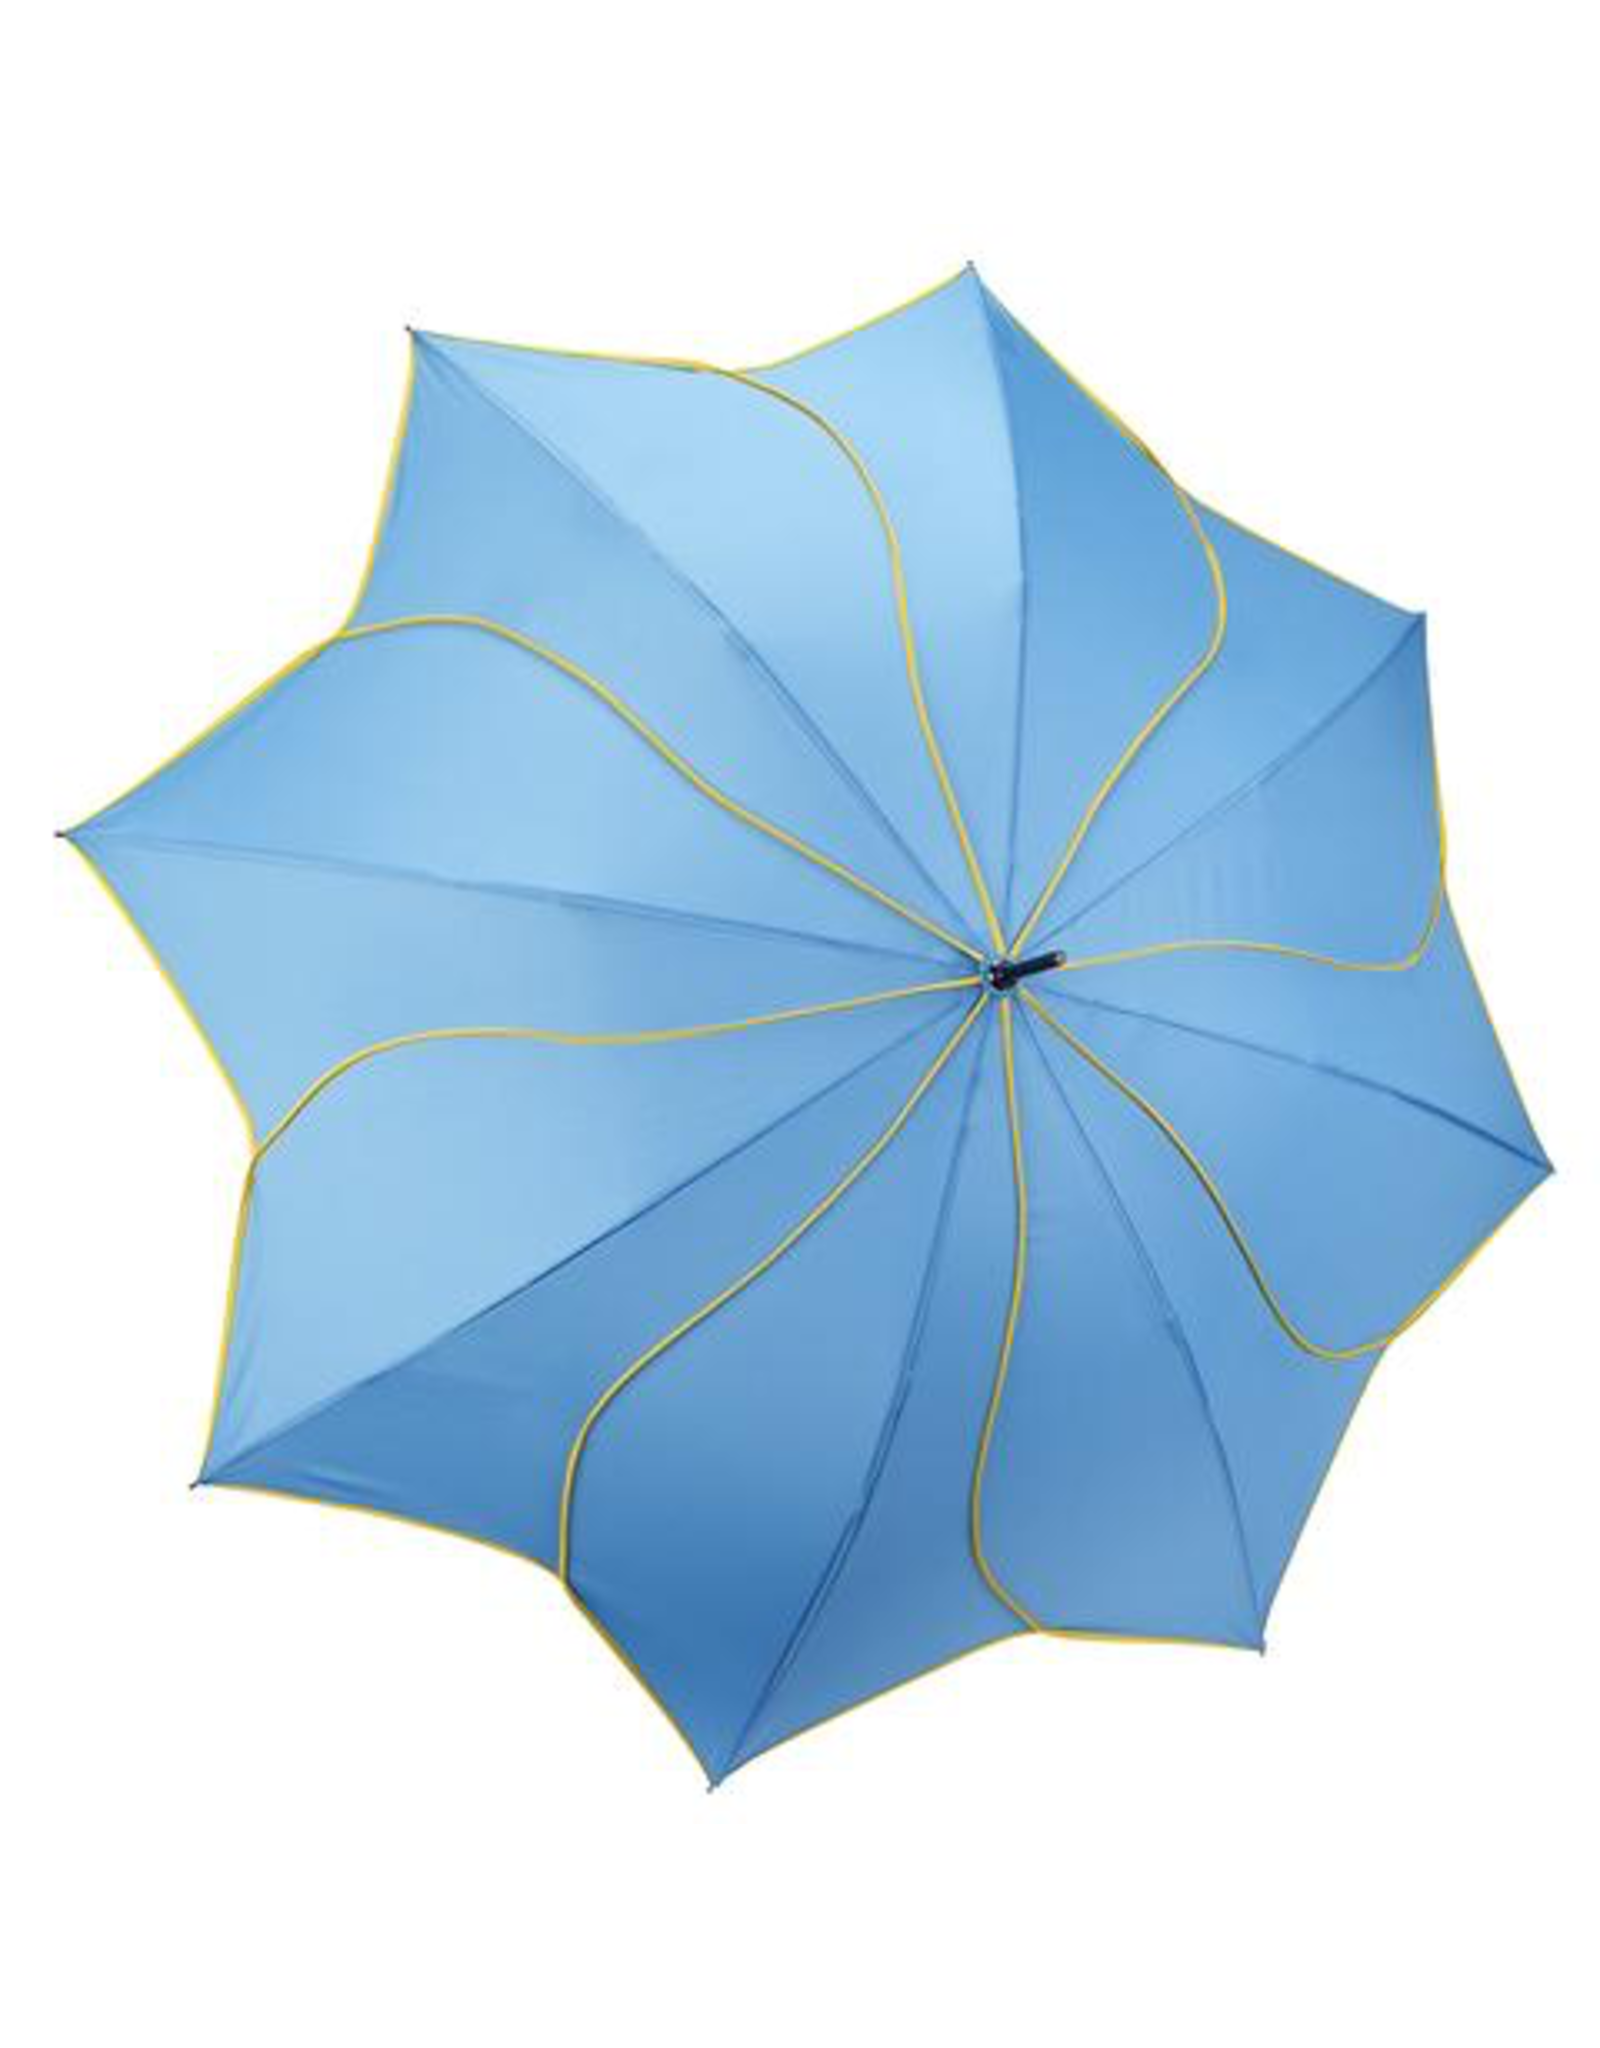 Galleria Enterprises Aqua and Yellow Swirl Umbrella